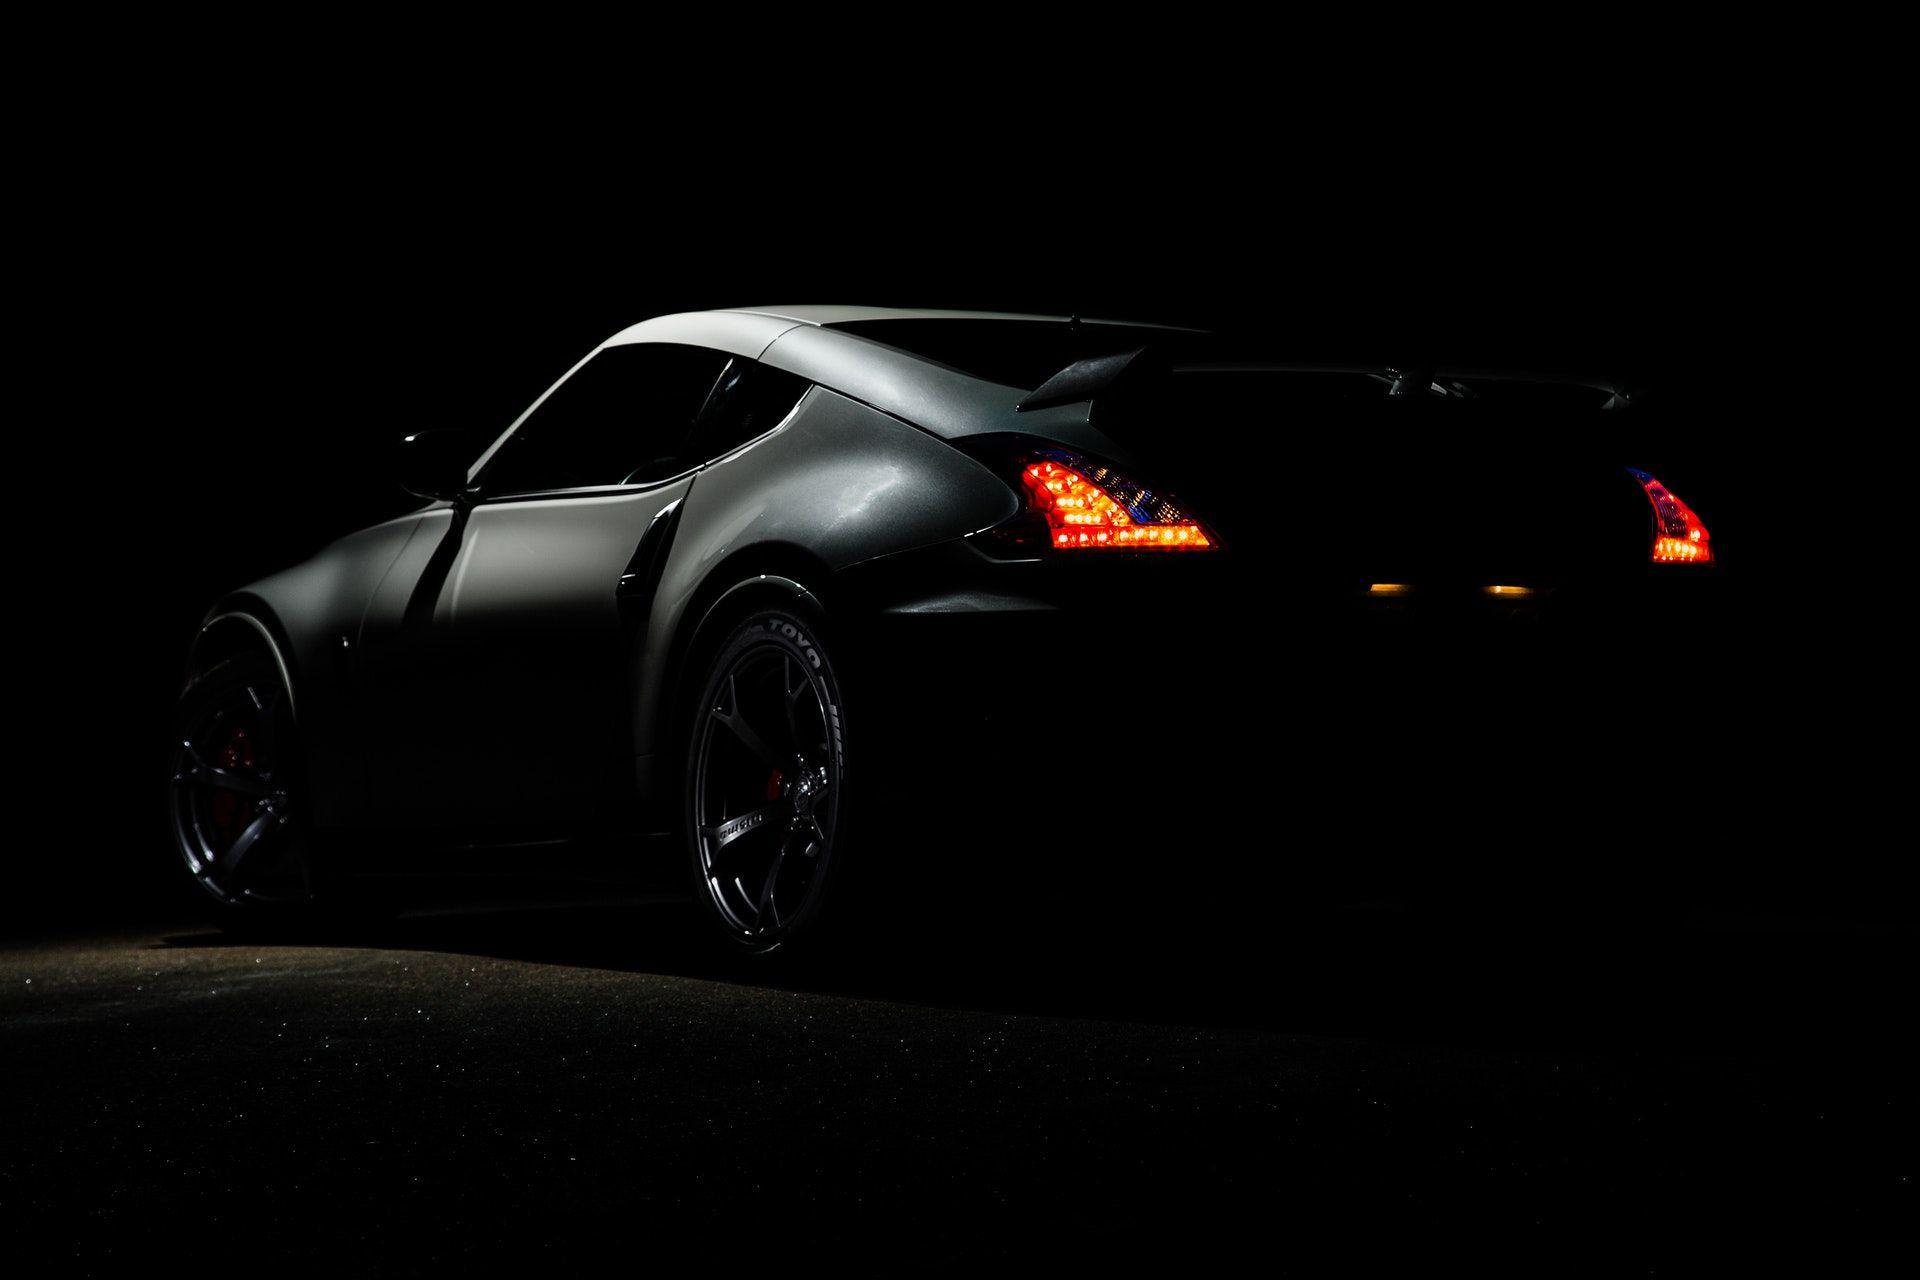 عکس زمینه نیسان 370Z در تاریکی پس زمینه